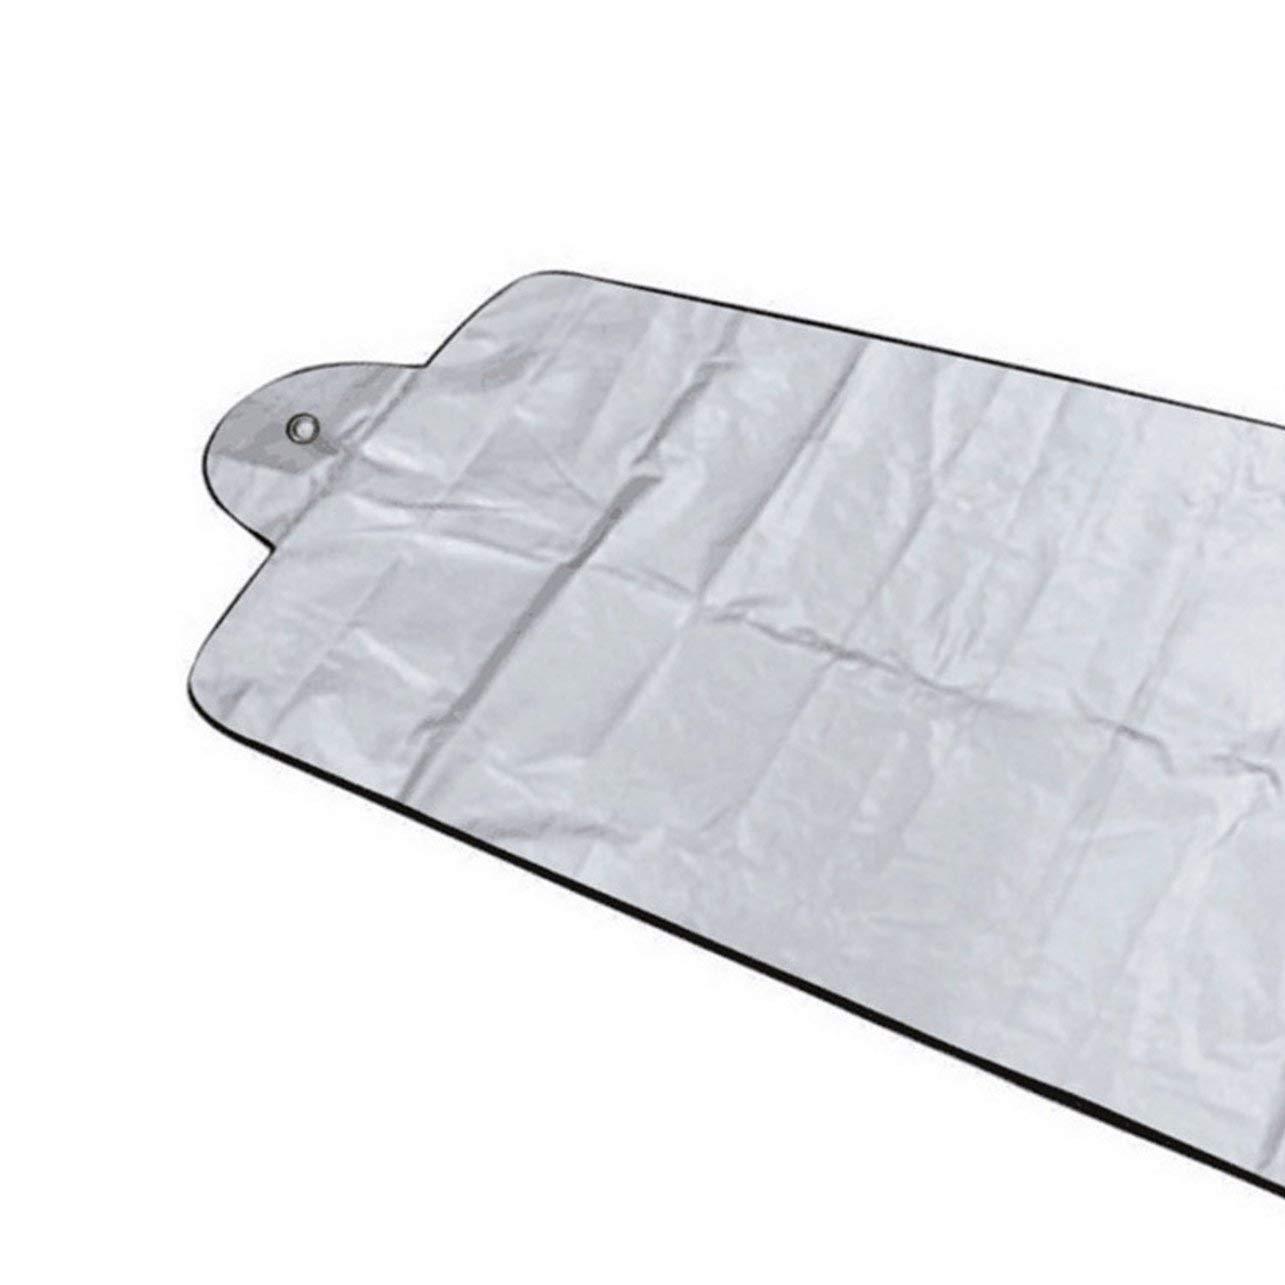 WOSOSYEYO Pare-Brise Visor Couverture UV Protection Anti Glace Neige Givre Protection Shield poussi/ère Pare-Soleil pour Pare-Brise Avant Voiture